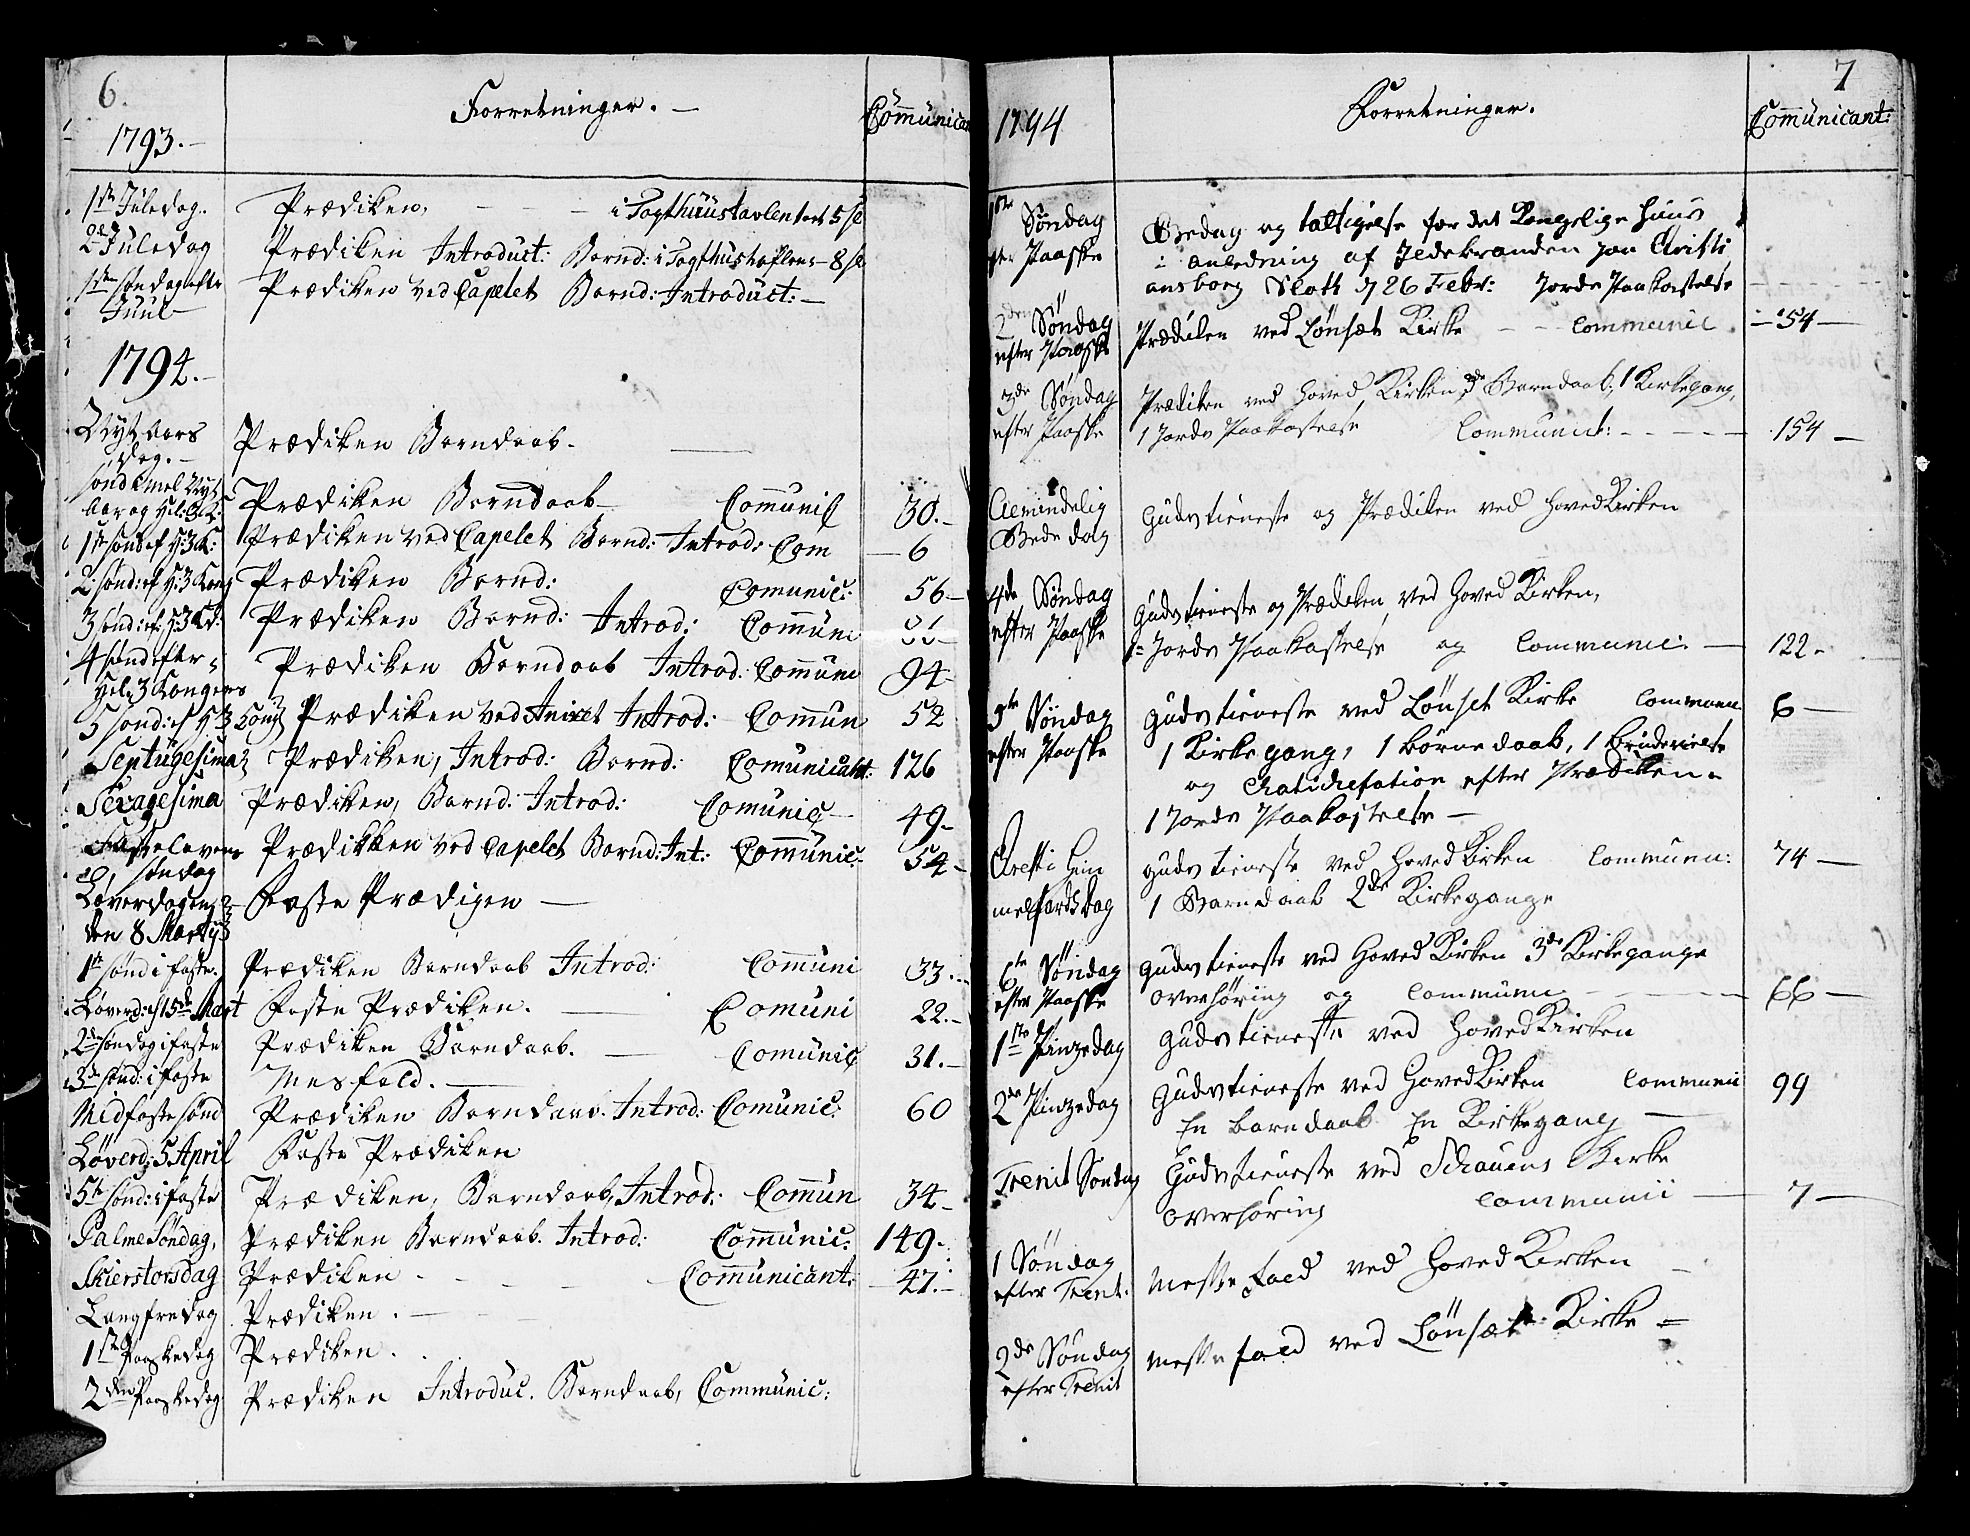 SAT, Ministerialprotokoller, klokkerbøker og fødselsregistre - Sør-Trøndelag, 678/L0893: Ministerialbok nr. 678A03, 1792-1805, s. 6-7